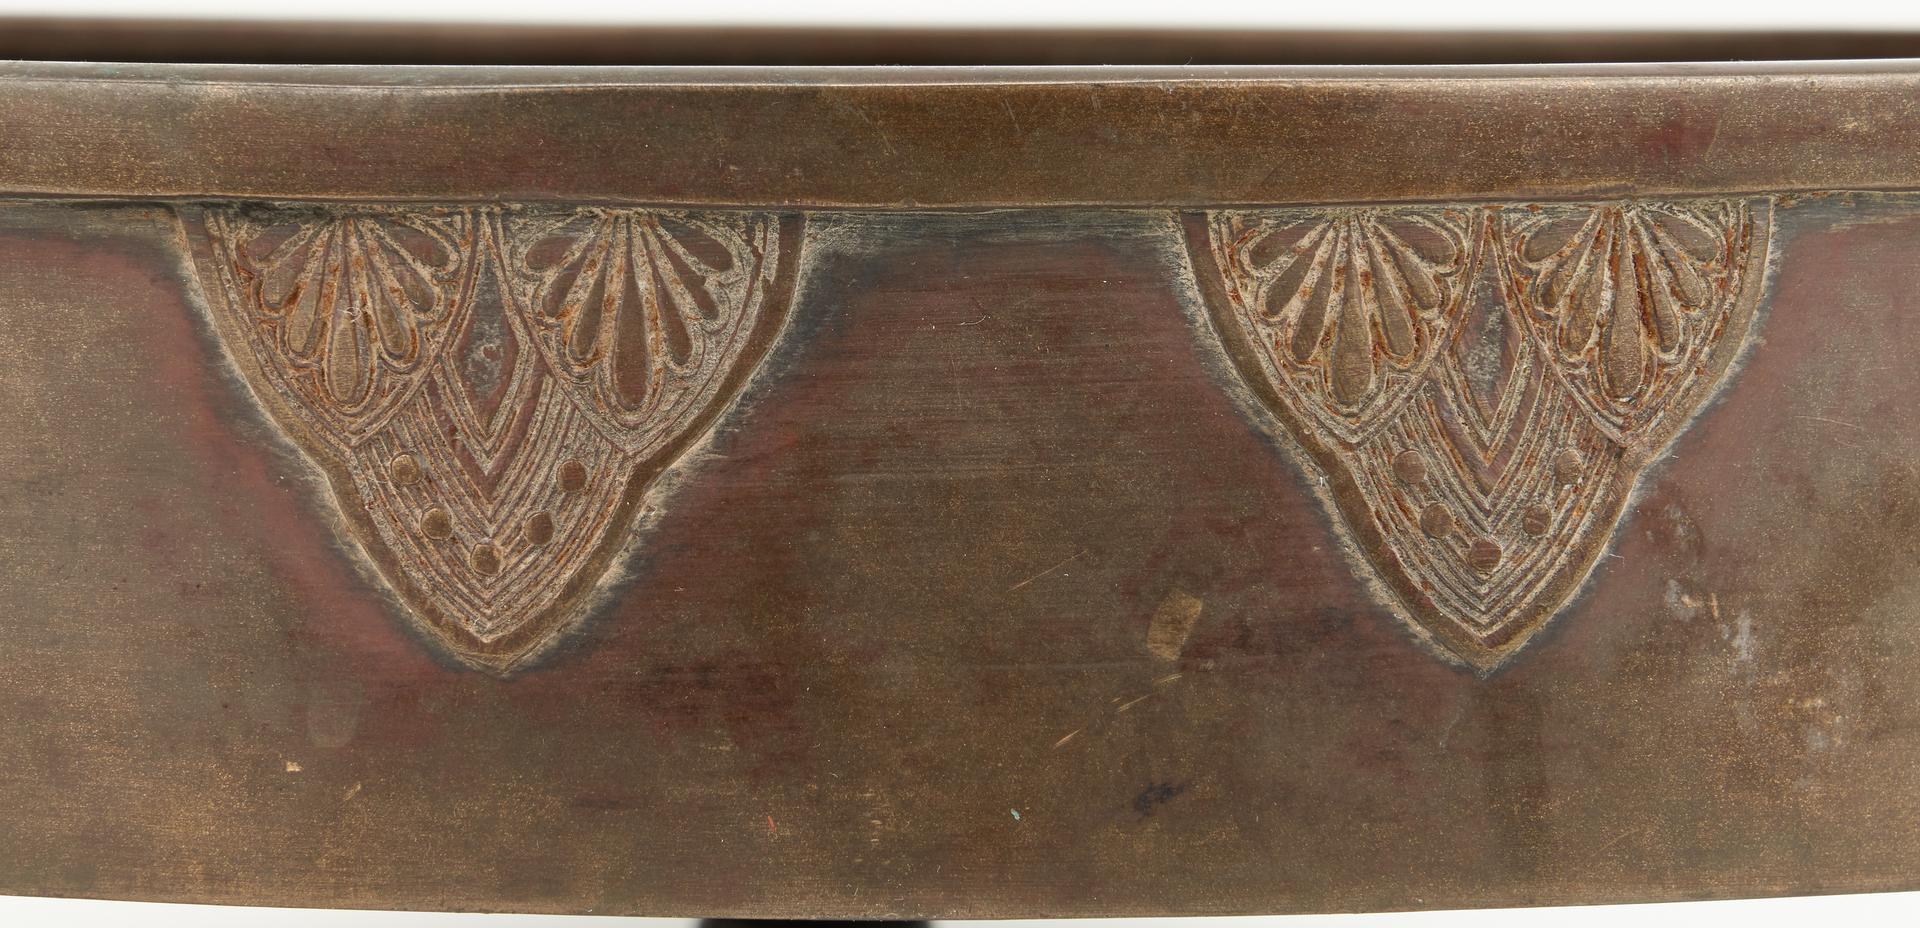 Lot 15: Large Japanese Meiji Bronze Water Vessel or Censer